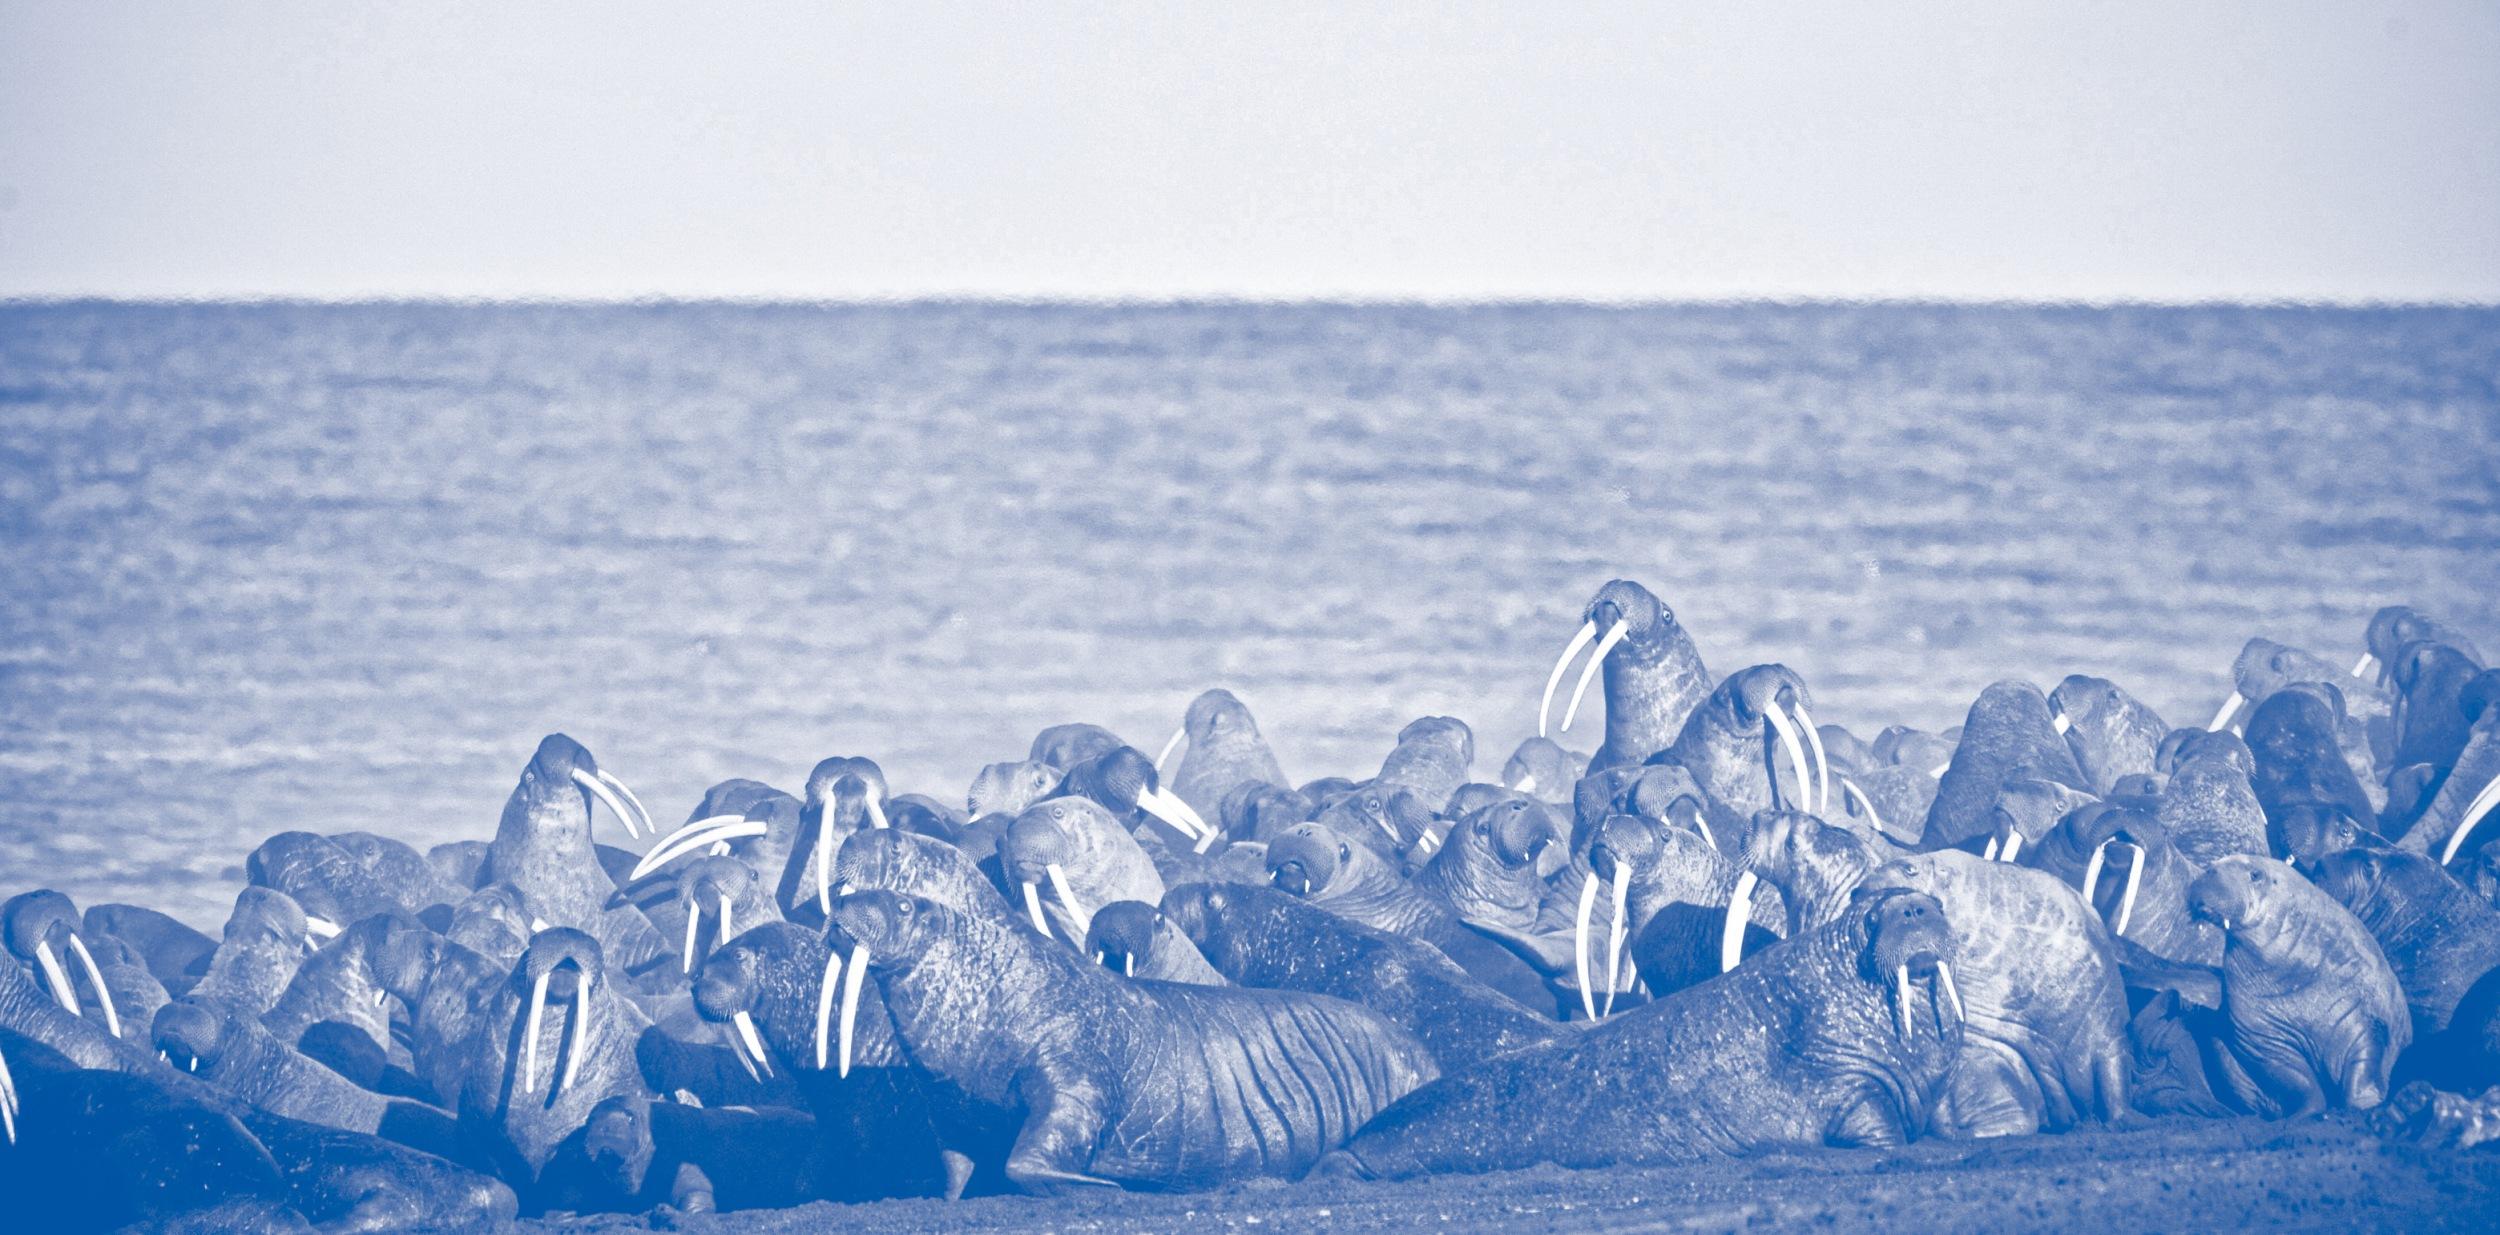 MASSIVE PROBLEME Walrosse zählen zu den Verlierern des Klimawandels. Das Meereis, das ihnen als Tauchplattform dient, schmilzt rapide